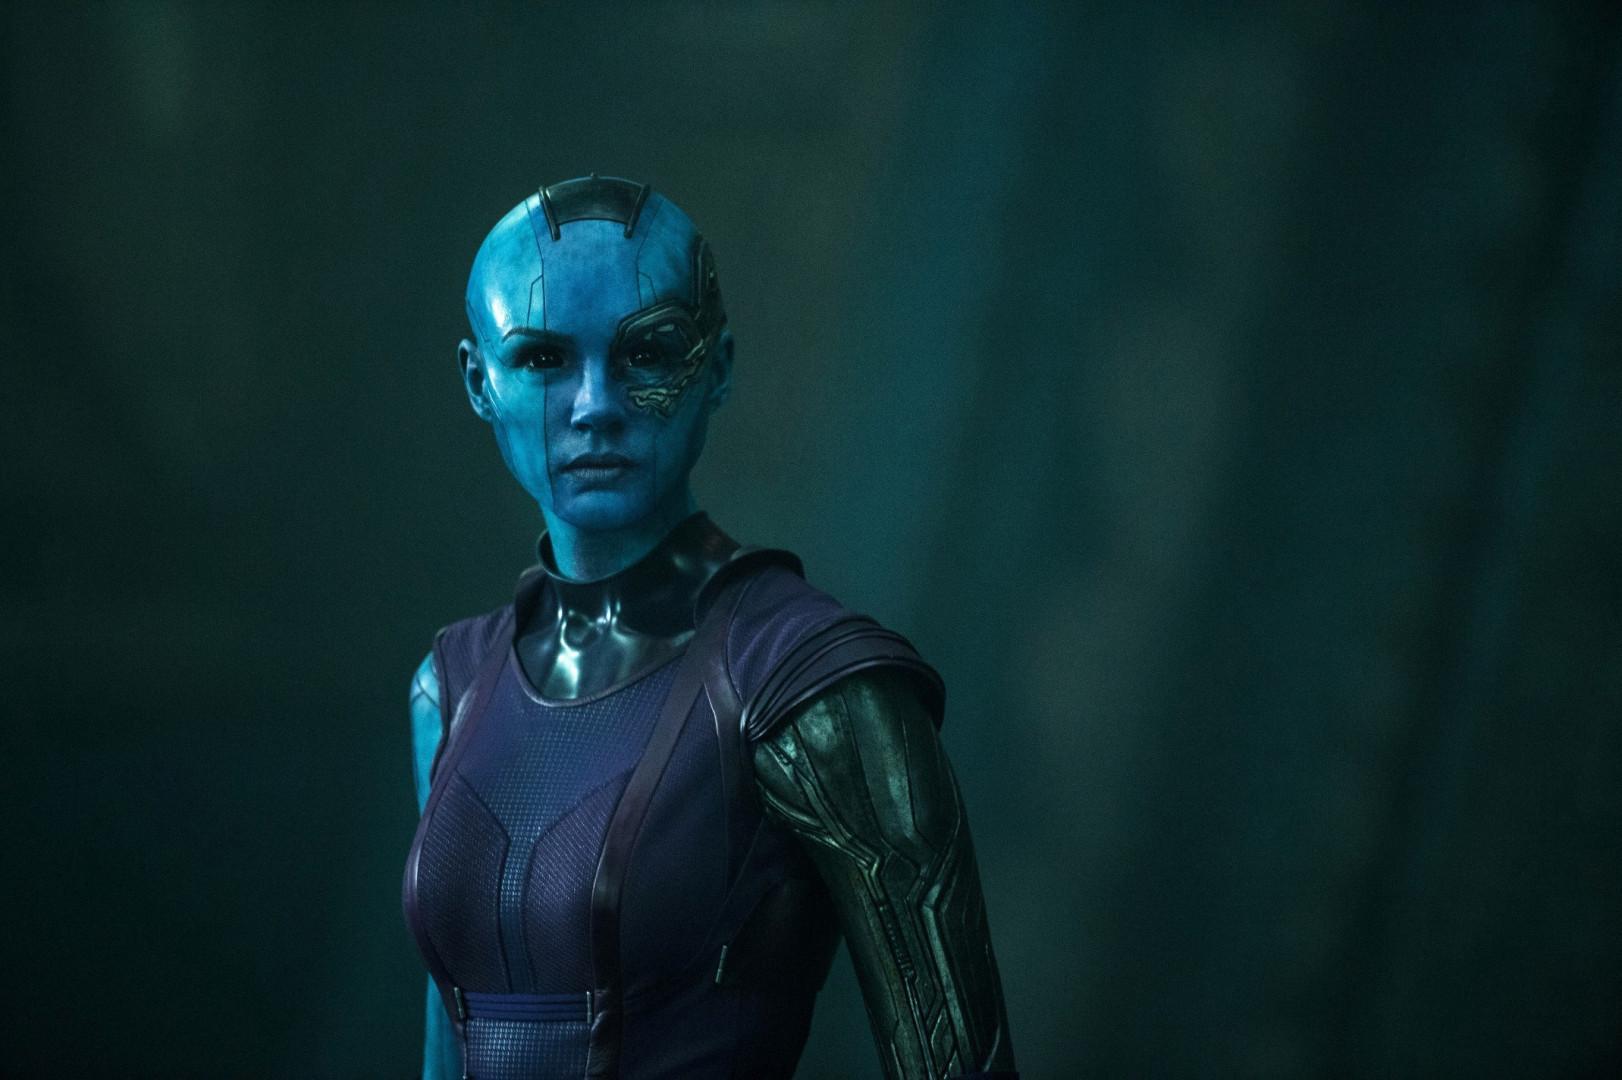 La méchante Nébula est une pirate de l'espace de la race des Luphomoïdes. C'est l'Écossaise Karen Gillan qui incarne son rôle.